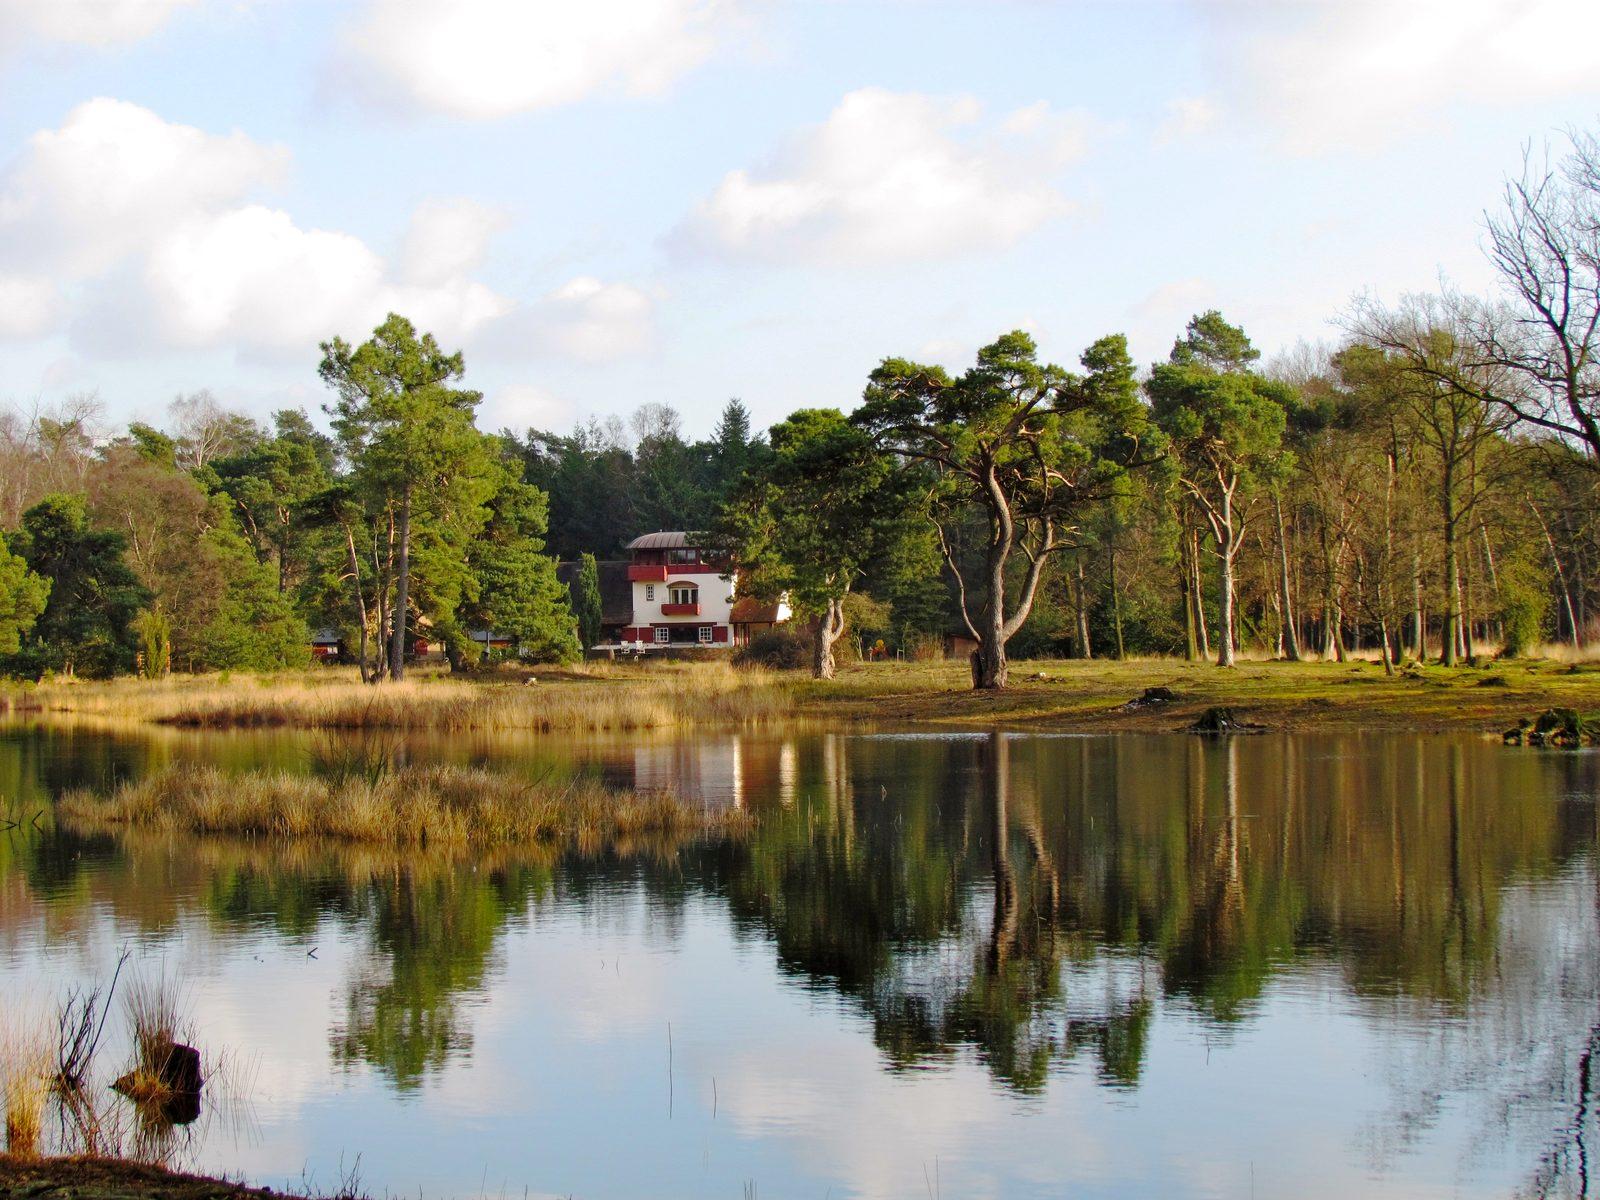 Vakantiehuis in de natuur van Overijssel, Nederland